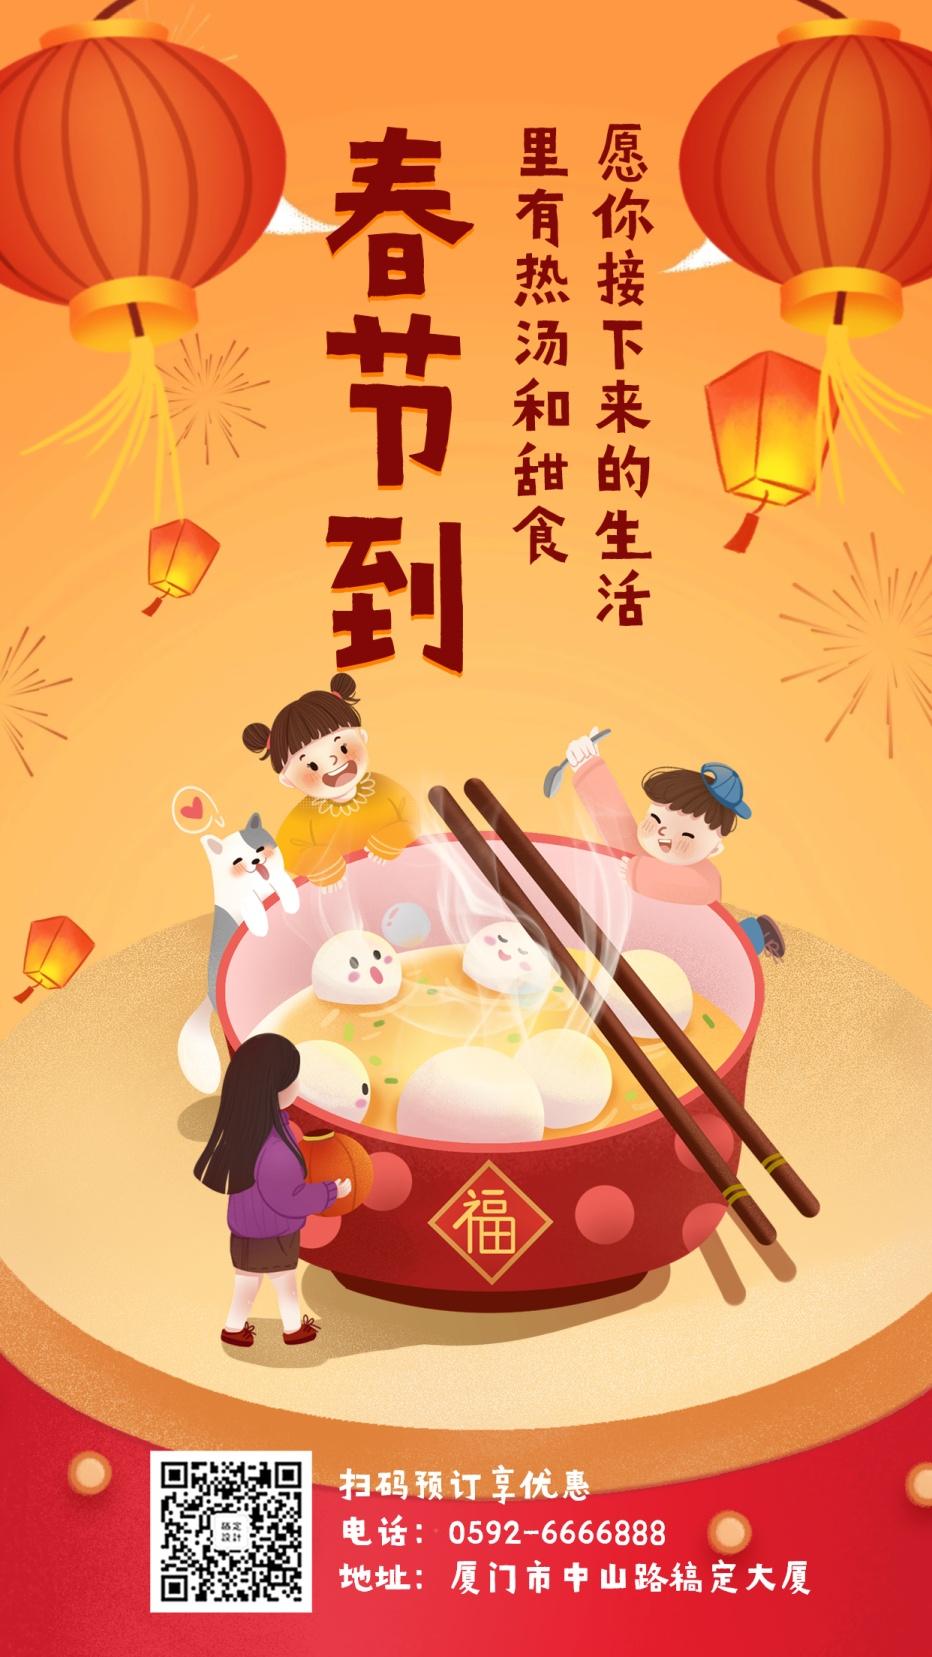 春节新年祝福/餐饮美食/手绘喜庆/手机海报